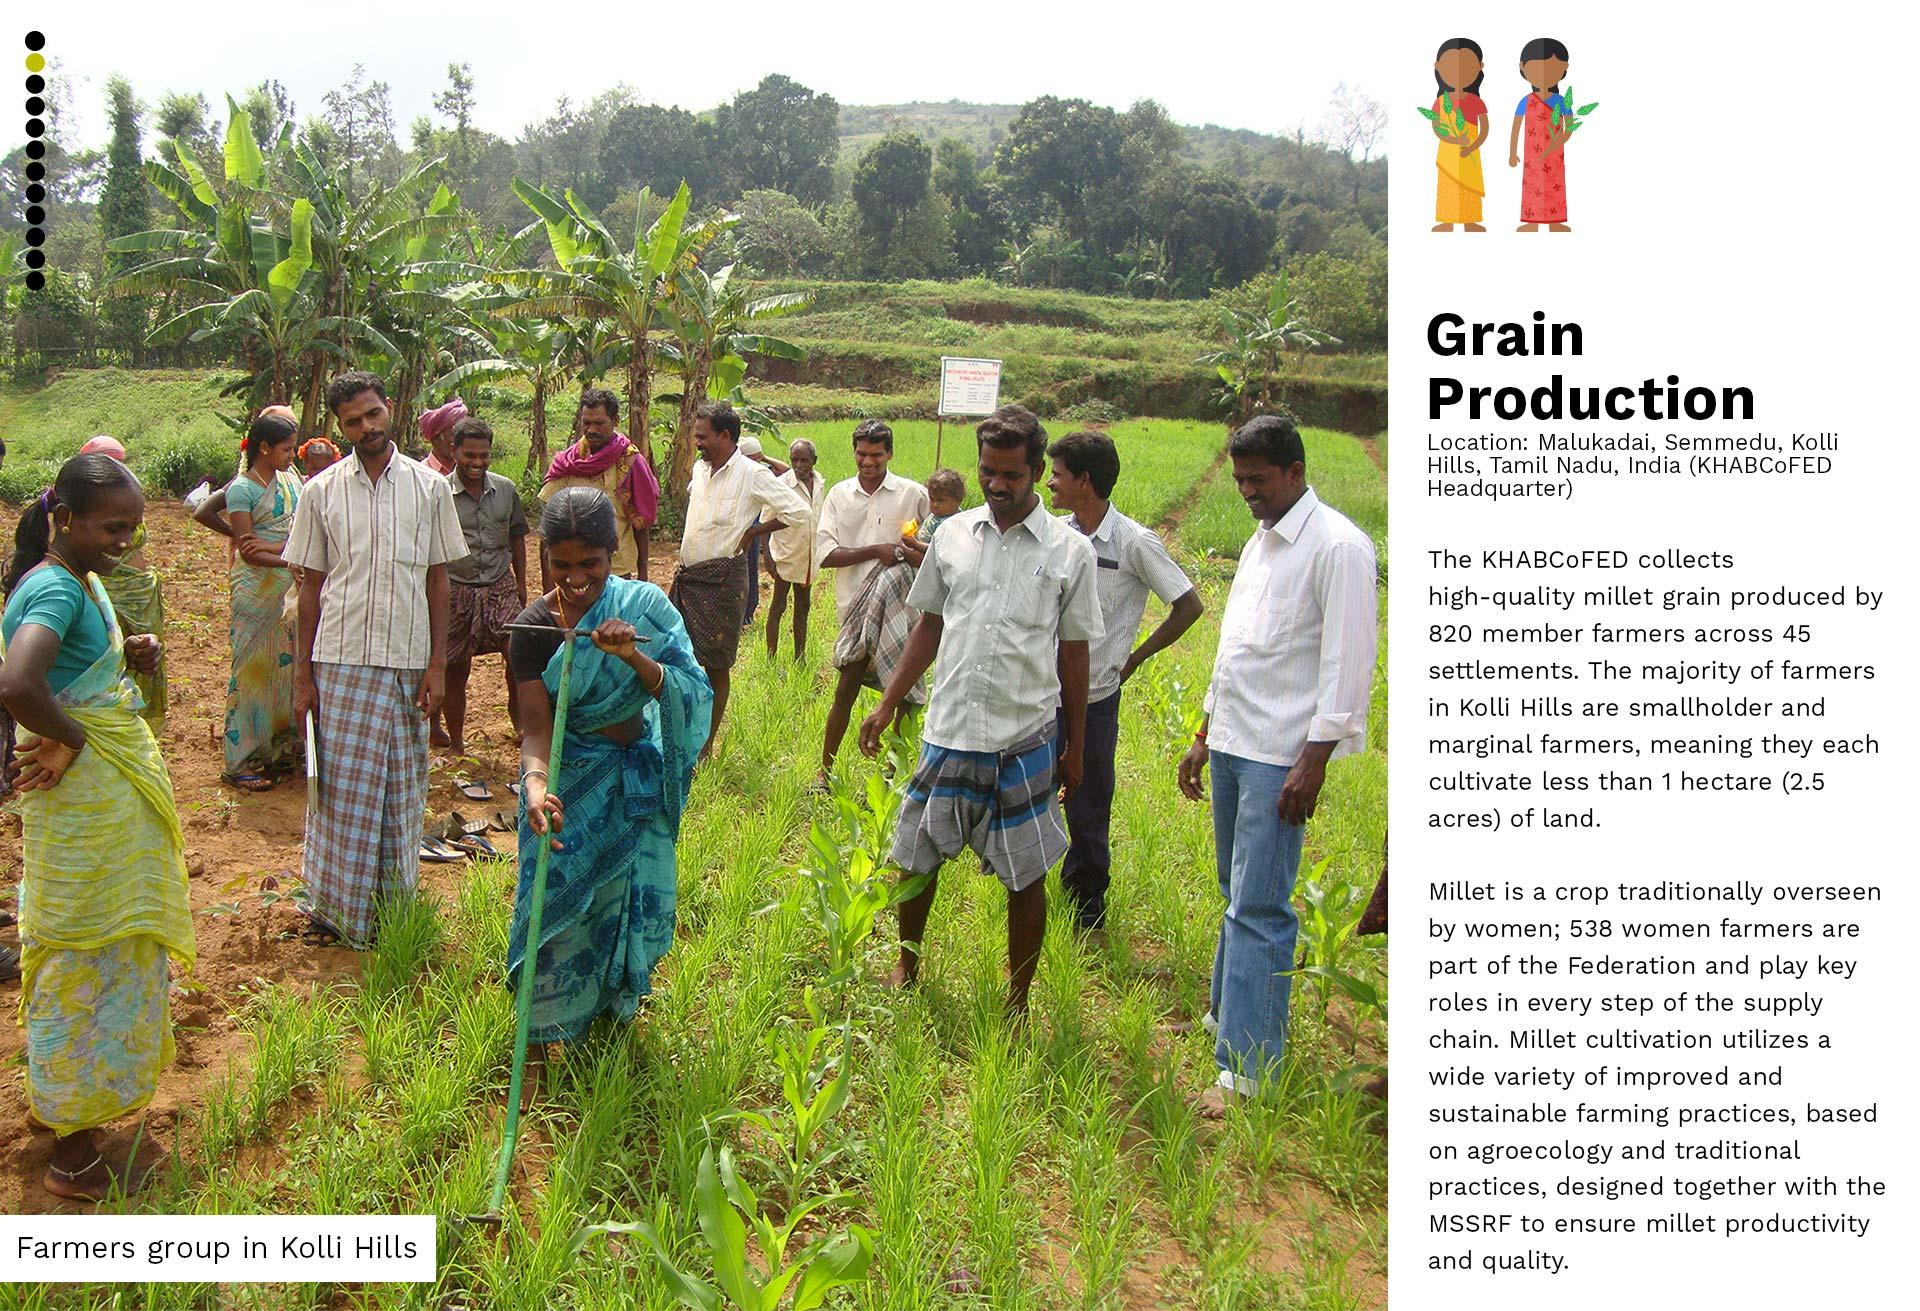 02-Grain Production